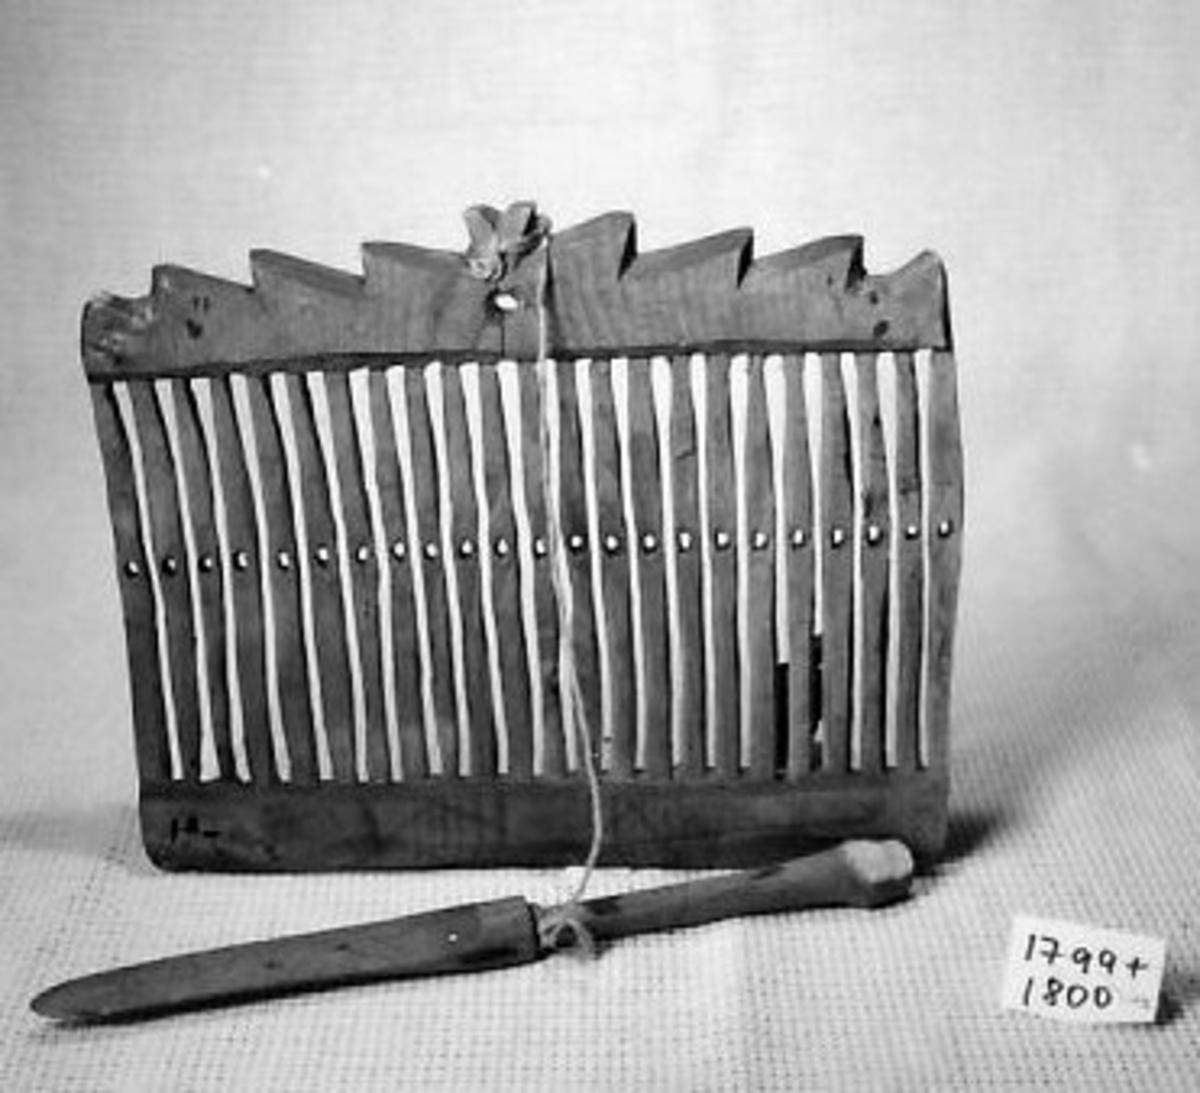 Spilene uregelmessig, toppstykke, Vevskje, 1800, bundet fast til grinden